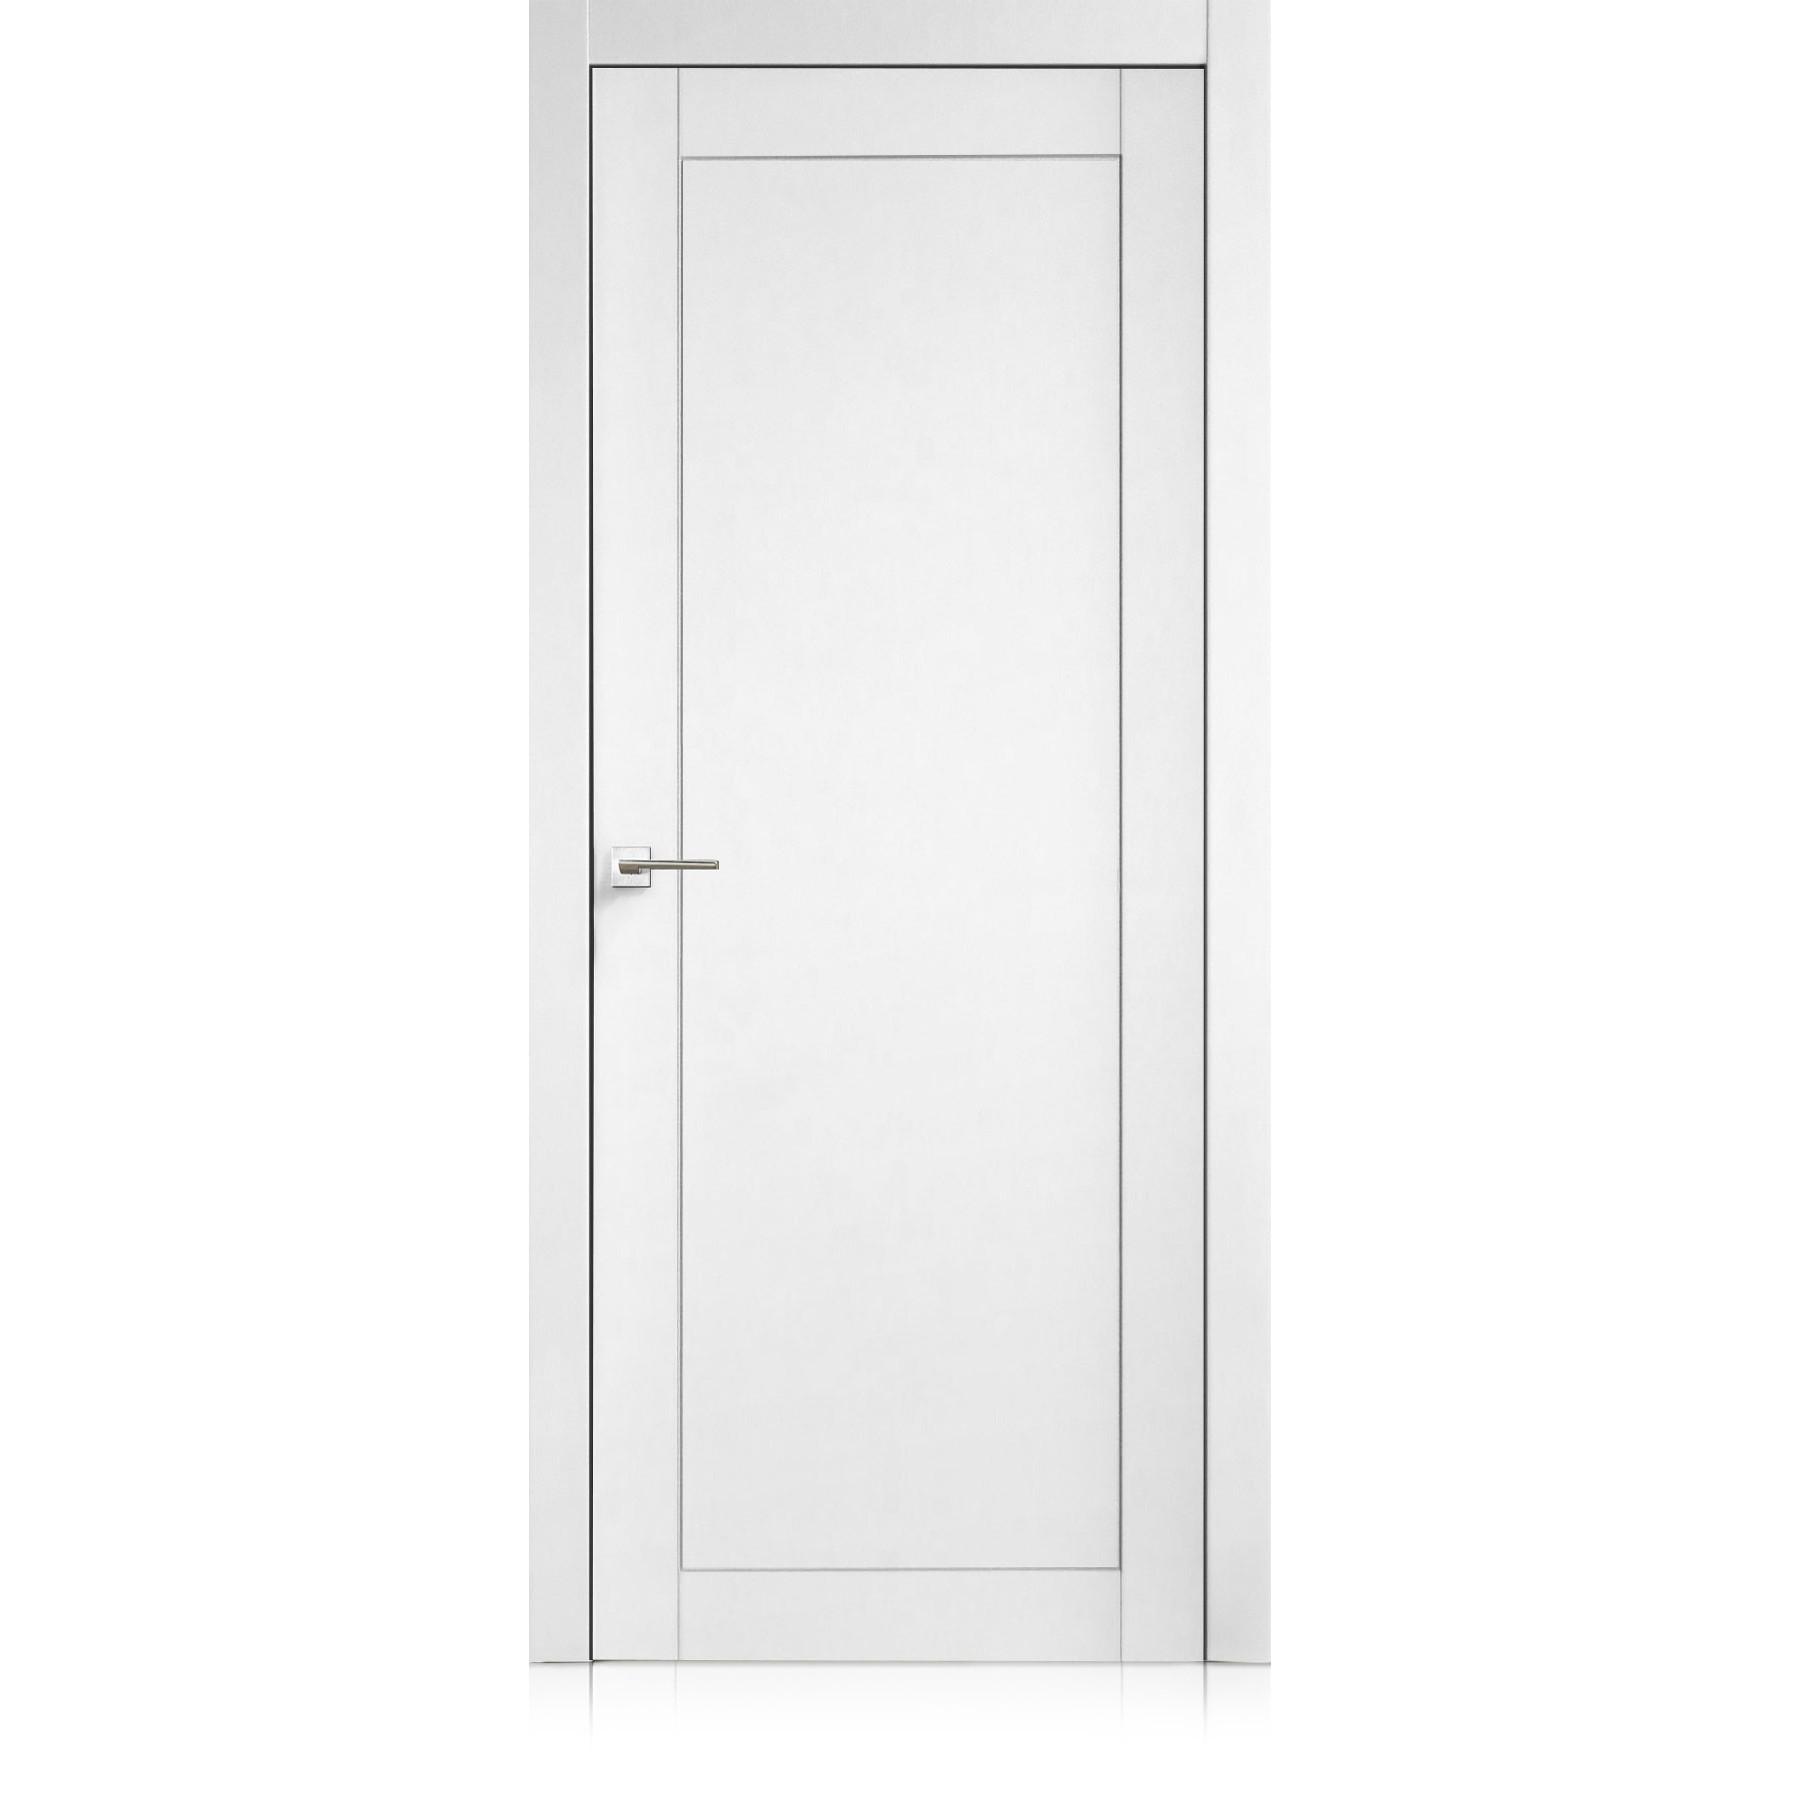 Tür Intaglio / 0 bianco